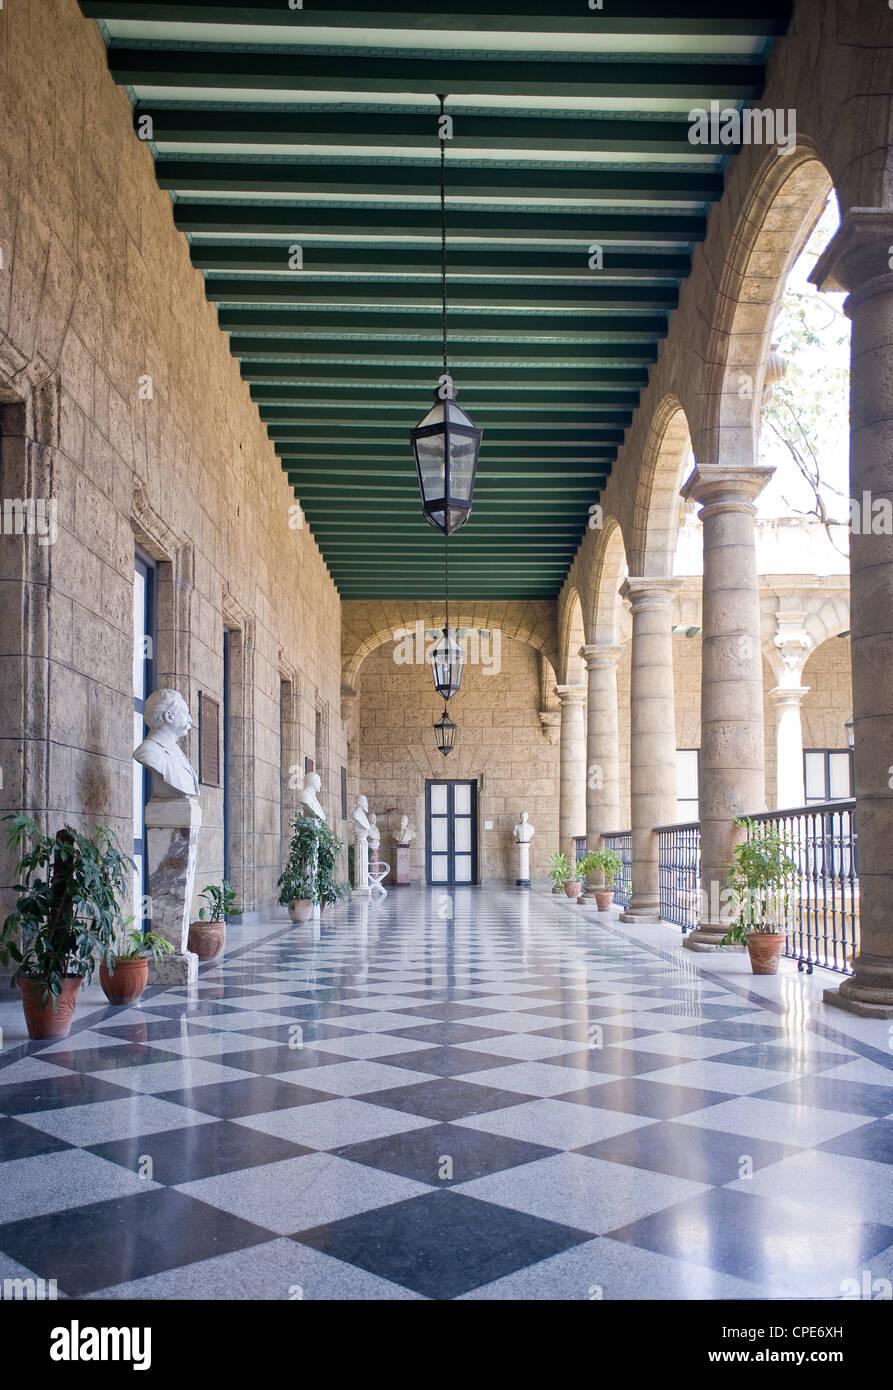 Palacio de los Capitanes Generales, Havana, Cuba, West Indies, Central America - Stock Image